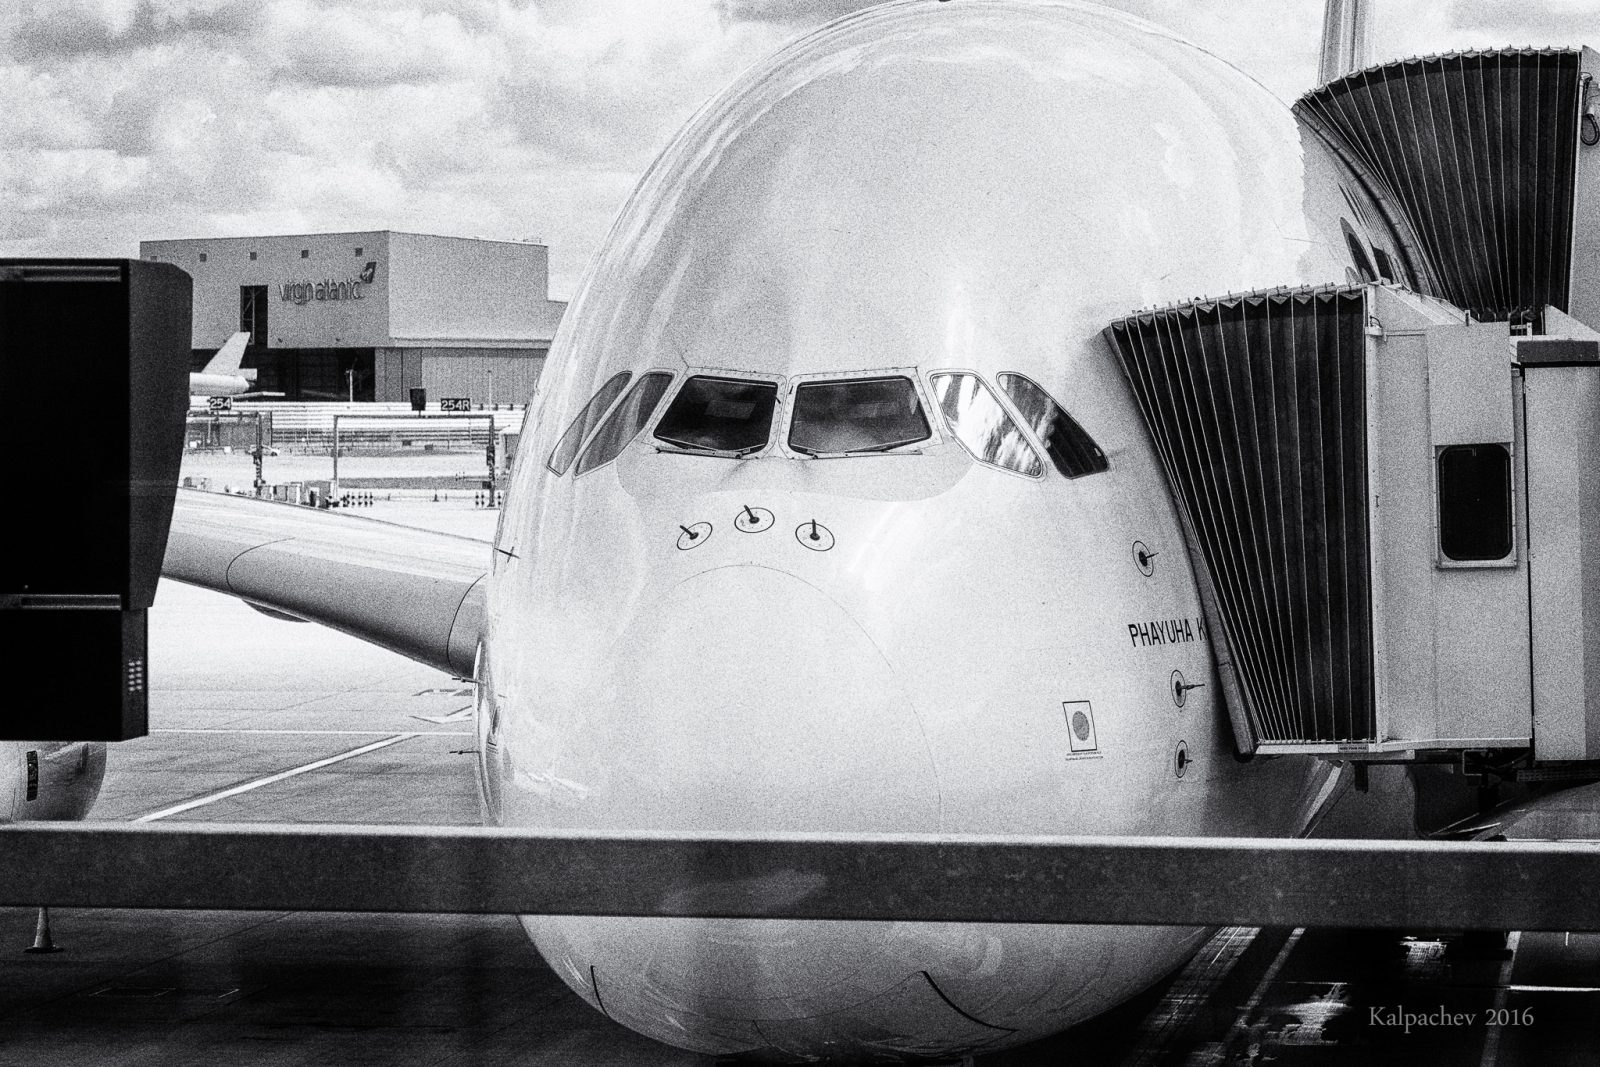 Thai Airways Flight 911